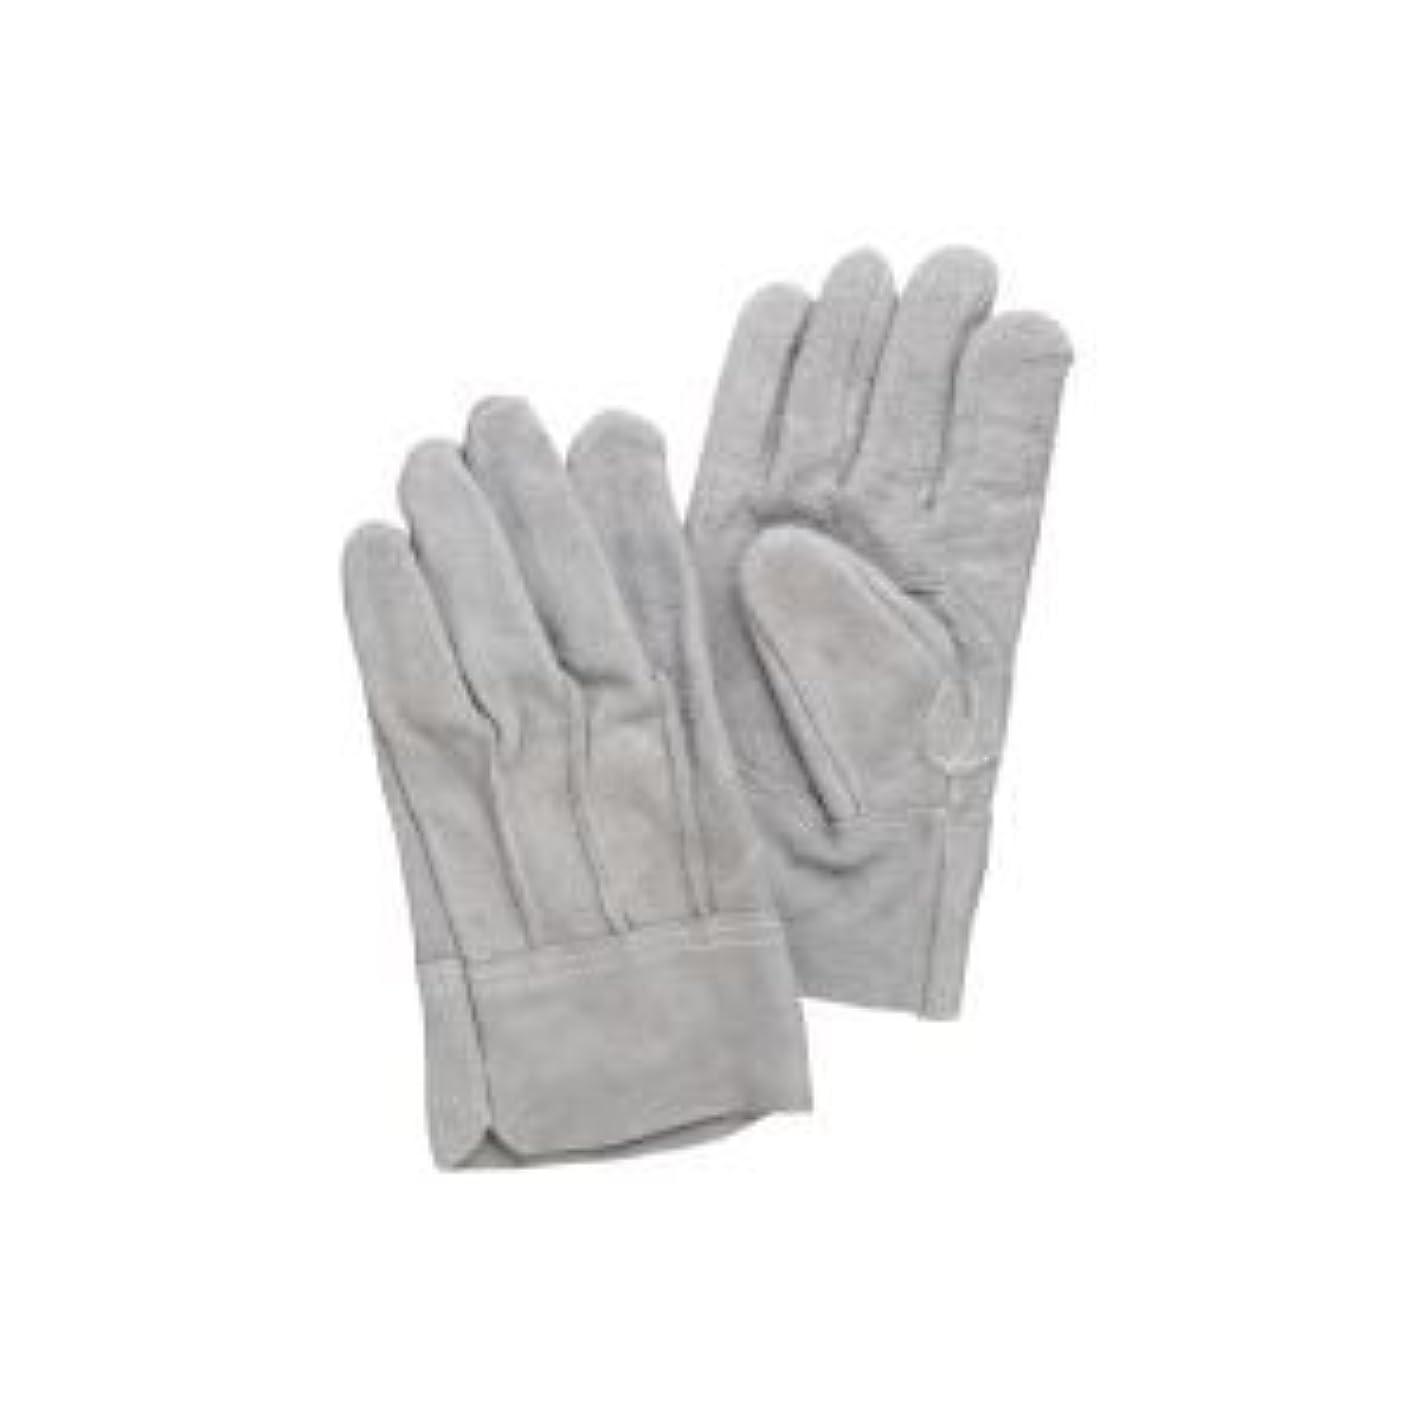 フォームマグローン( お徳用 100セット ) 熱田資材 革手袋床革手袋 背縫い NO.11 グレー